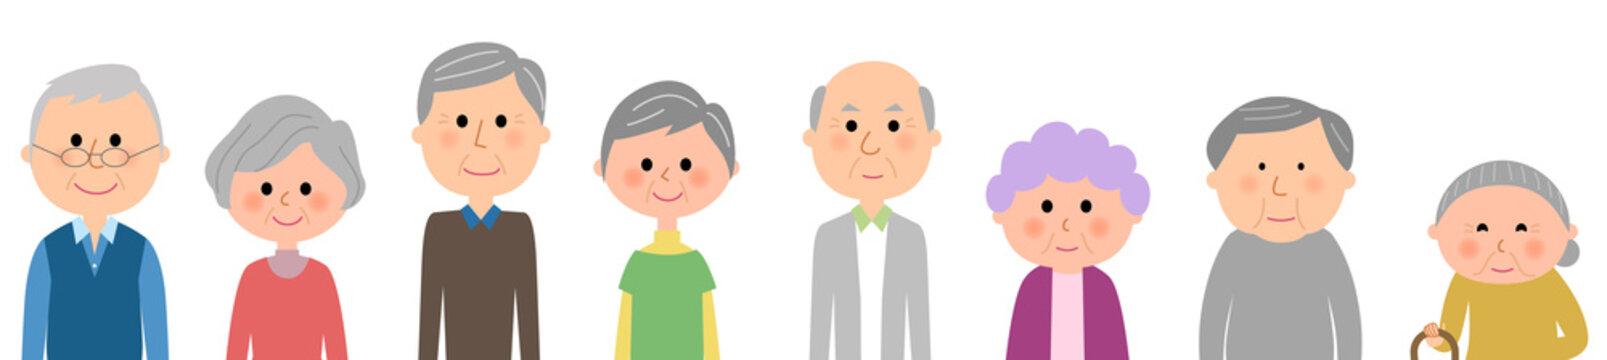 高齢者 シニア 老人